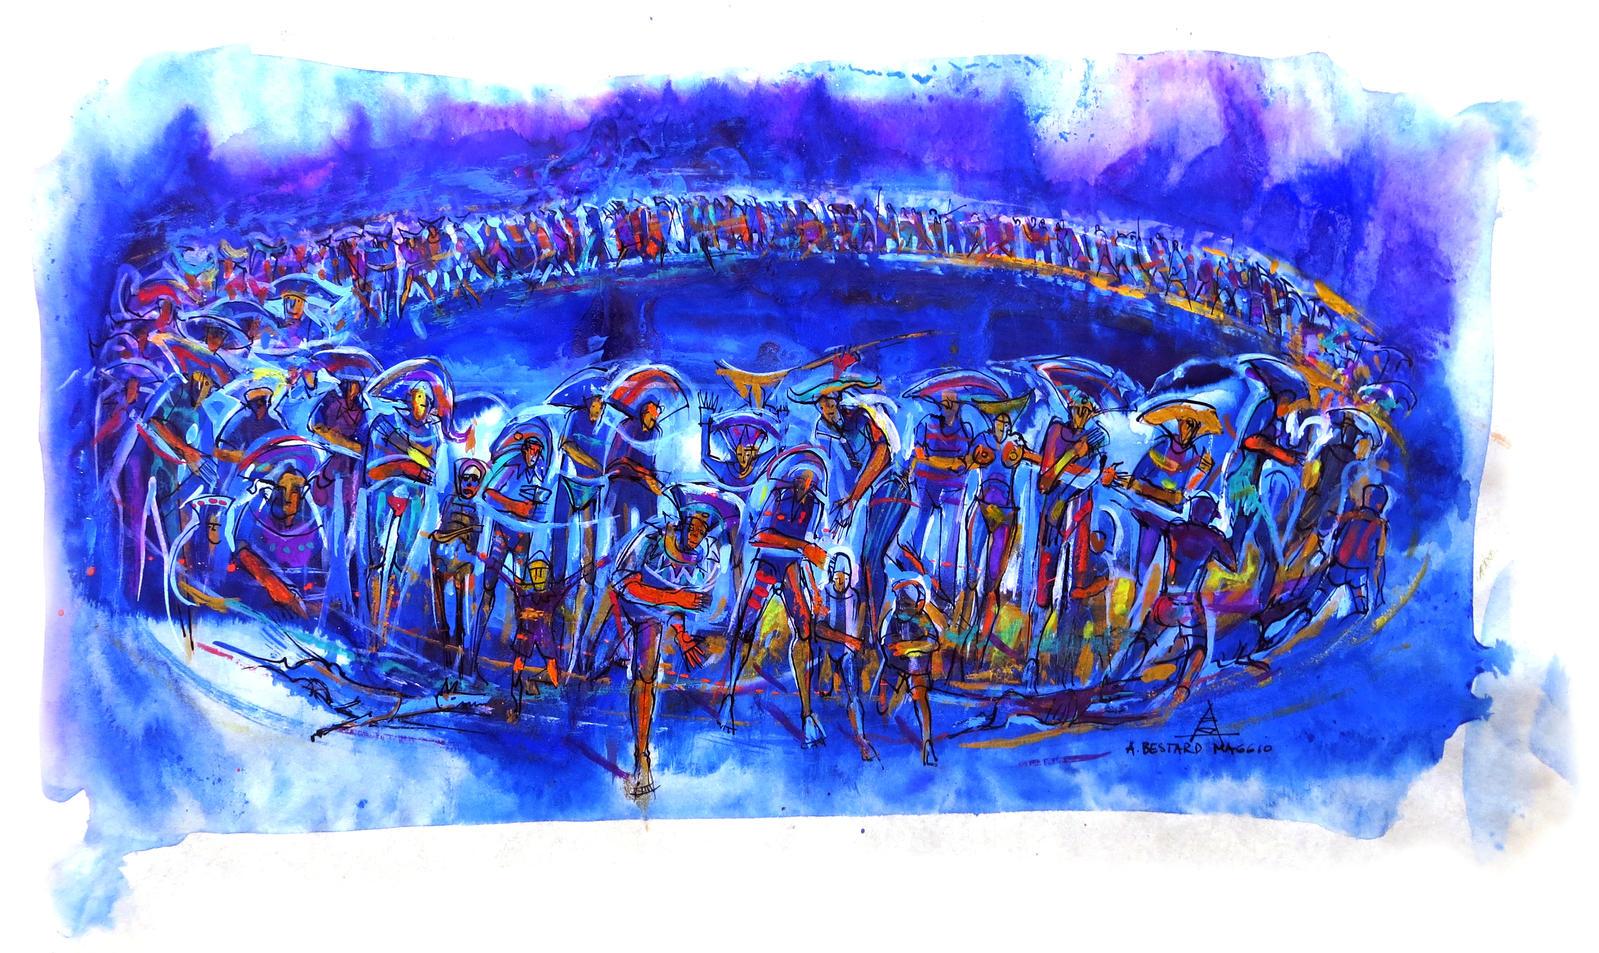 Concentracion circular - 2000 by andresbestardmaggio